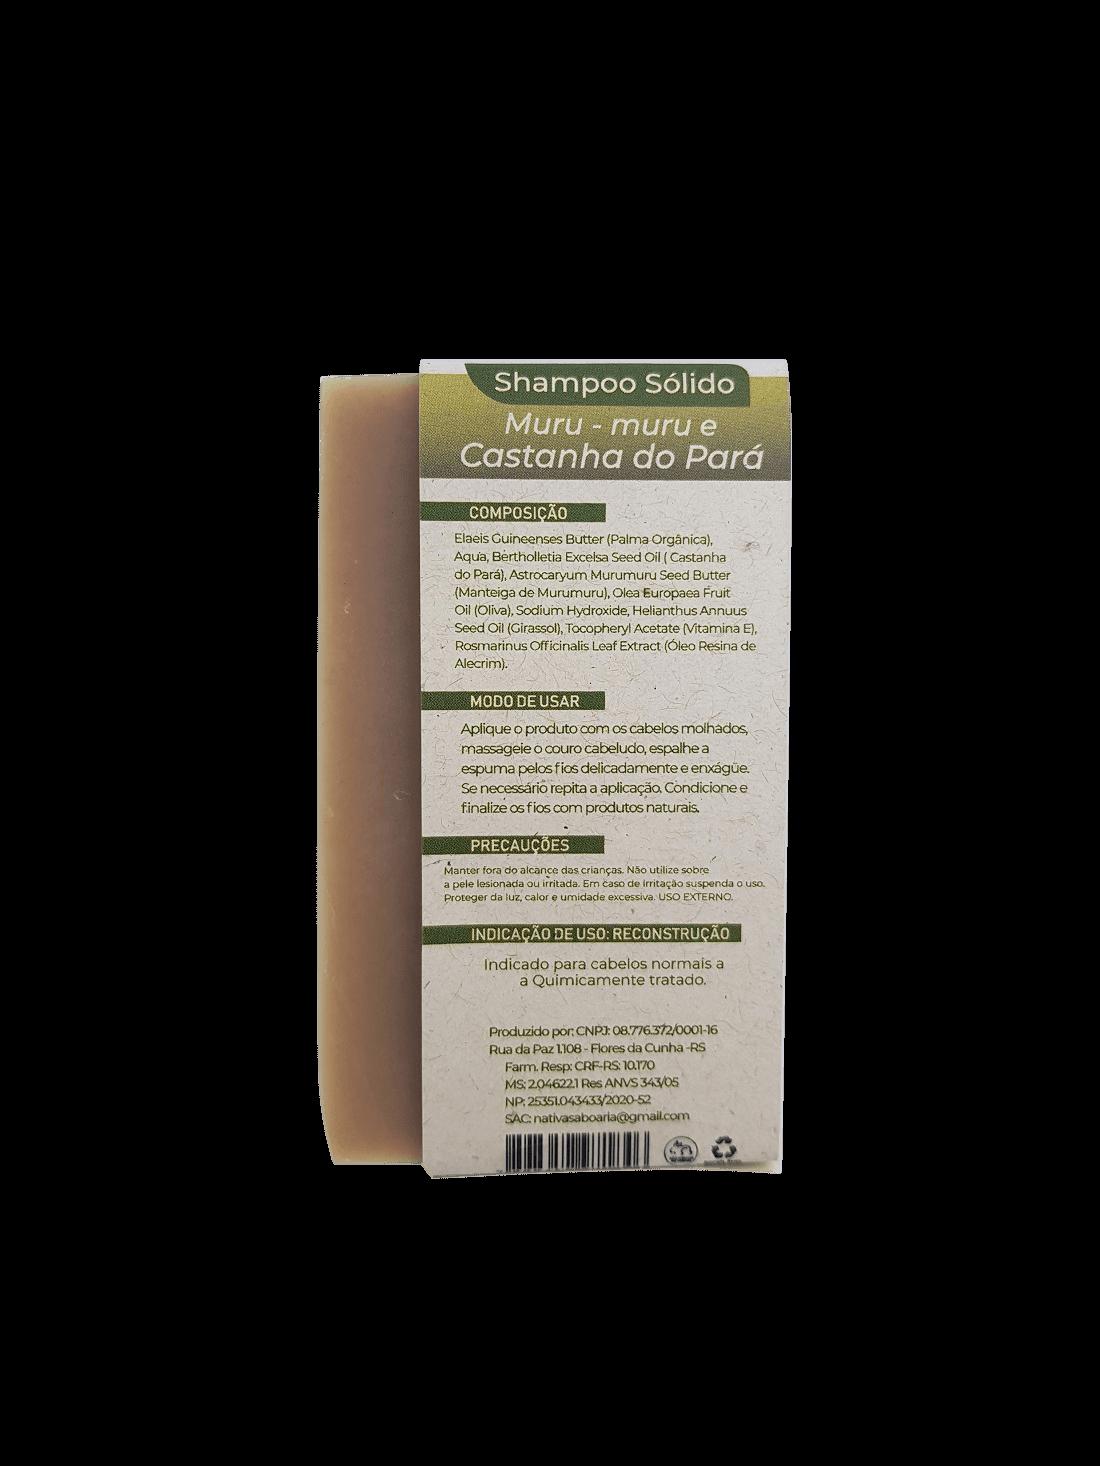 Shampoo Sólido - Castanha do Pará e Murumuru  - Saboaria Nativa Ecocosméticos